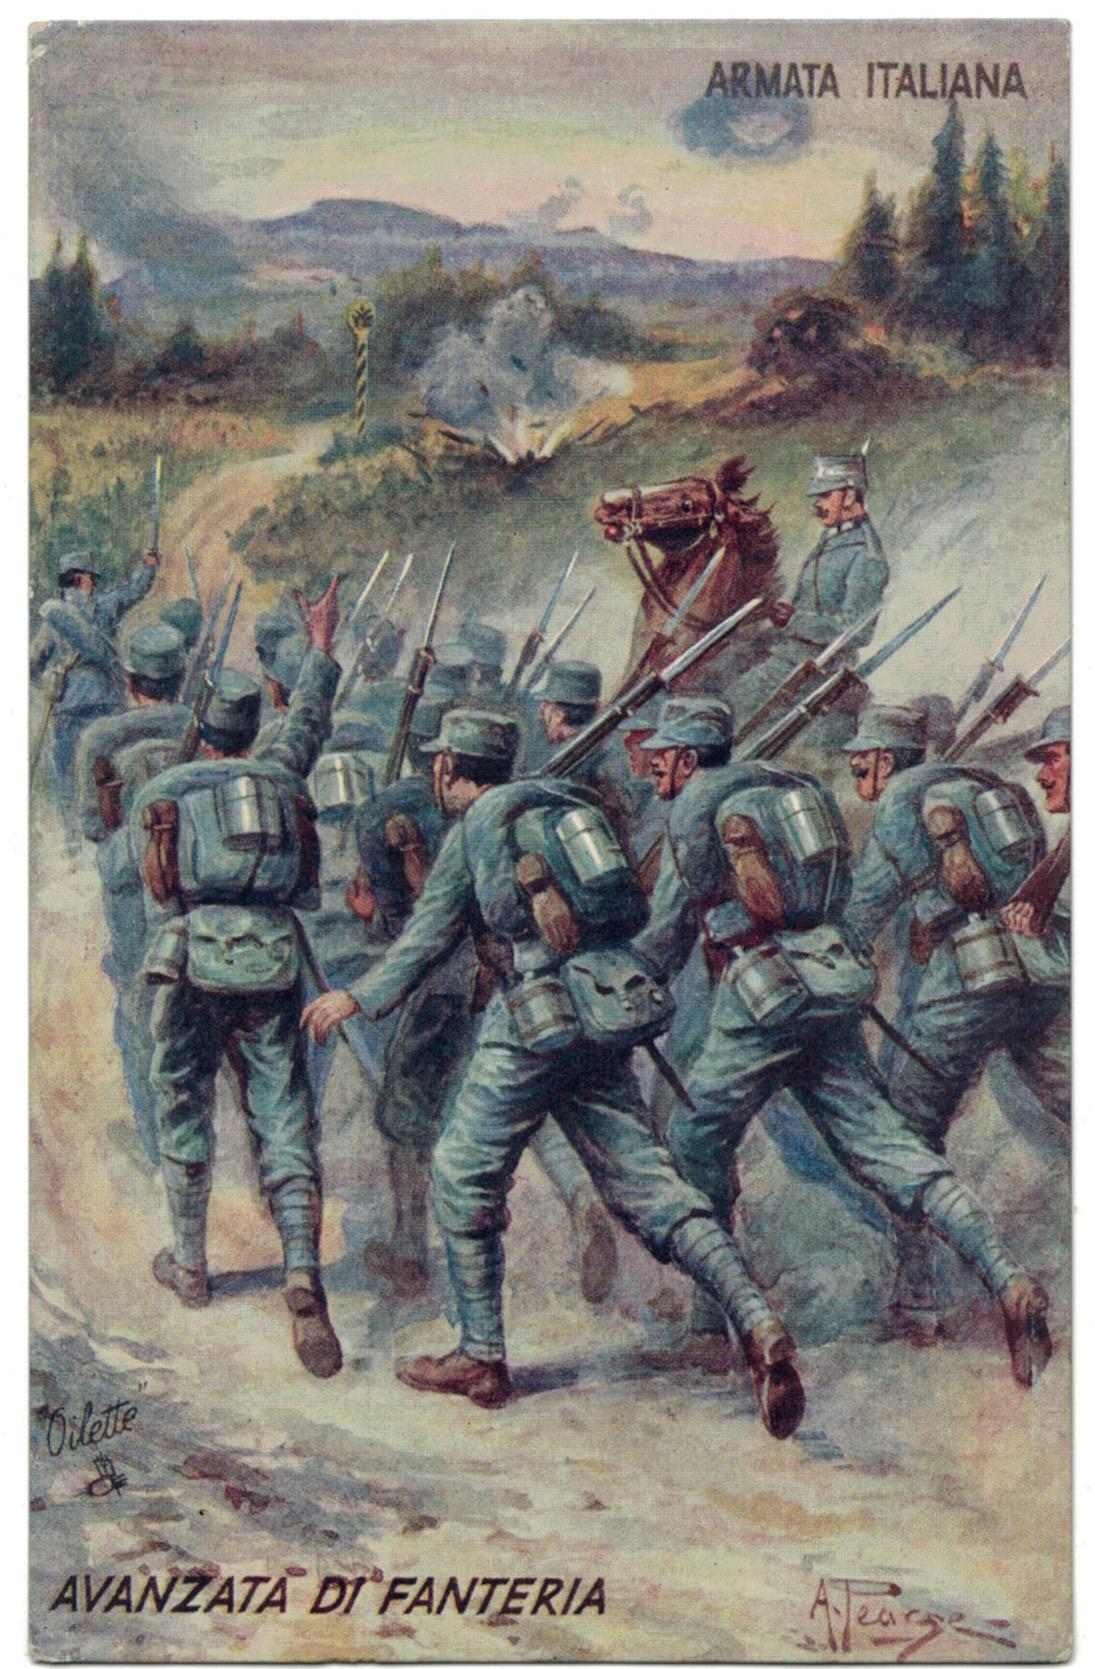 3 Cartes Postale Italie Lithographie - iconographie 14/18 - Uniforme armée Italienne